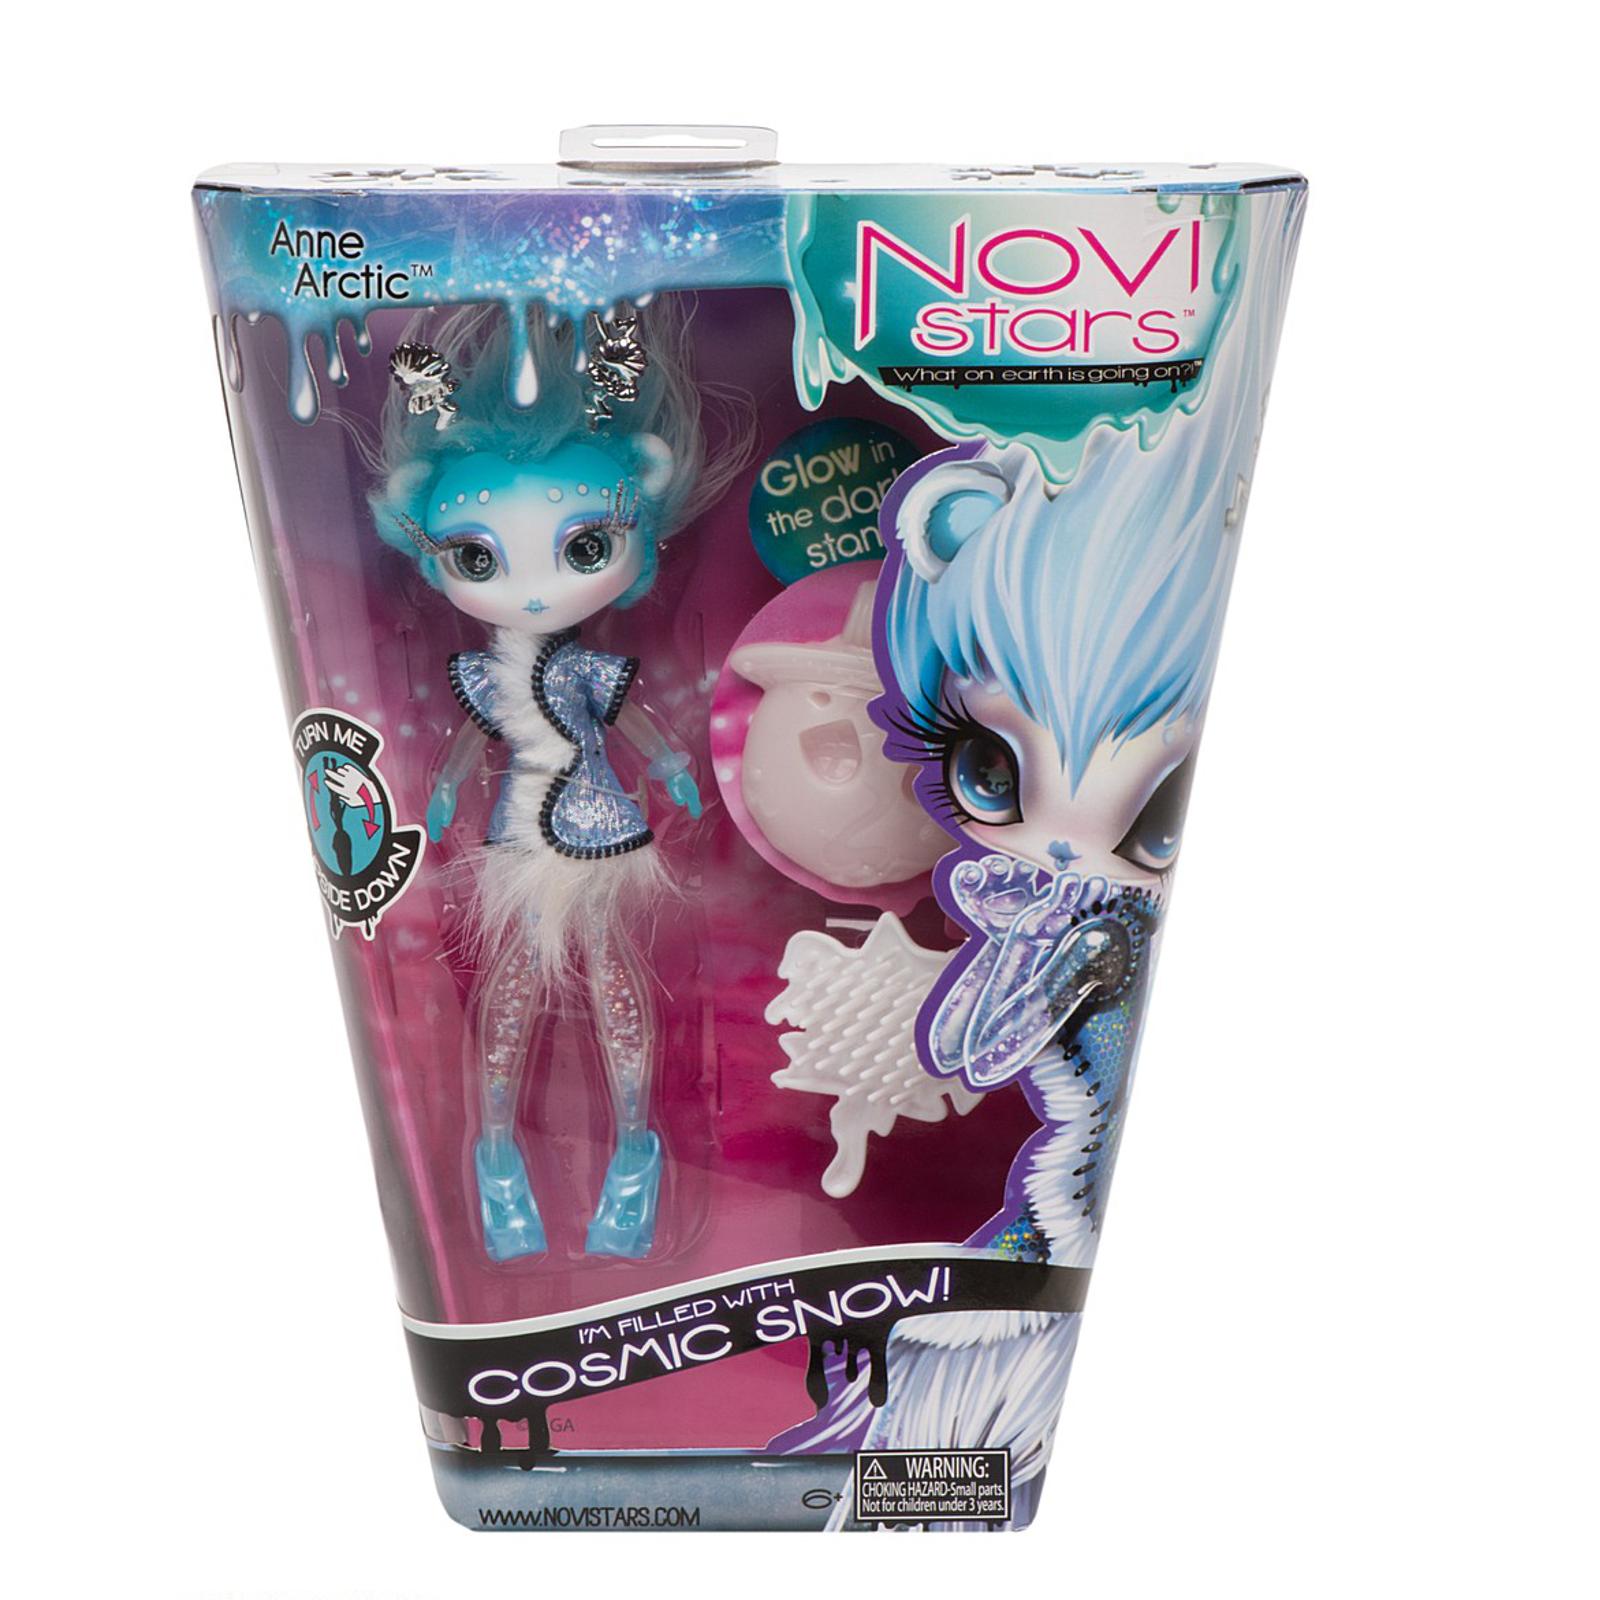 Кукла Novi Stars Anne Arctic (жидкость внутри) от 3 лет<br>